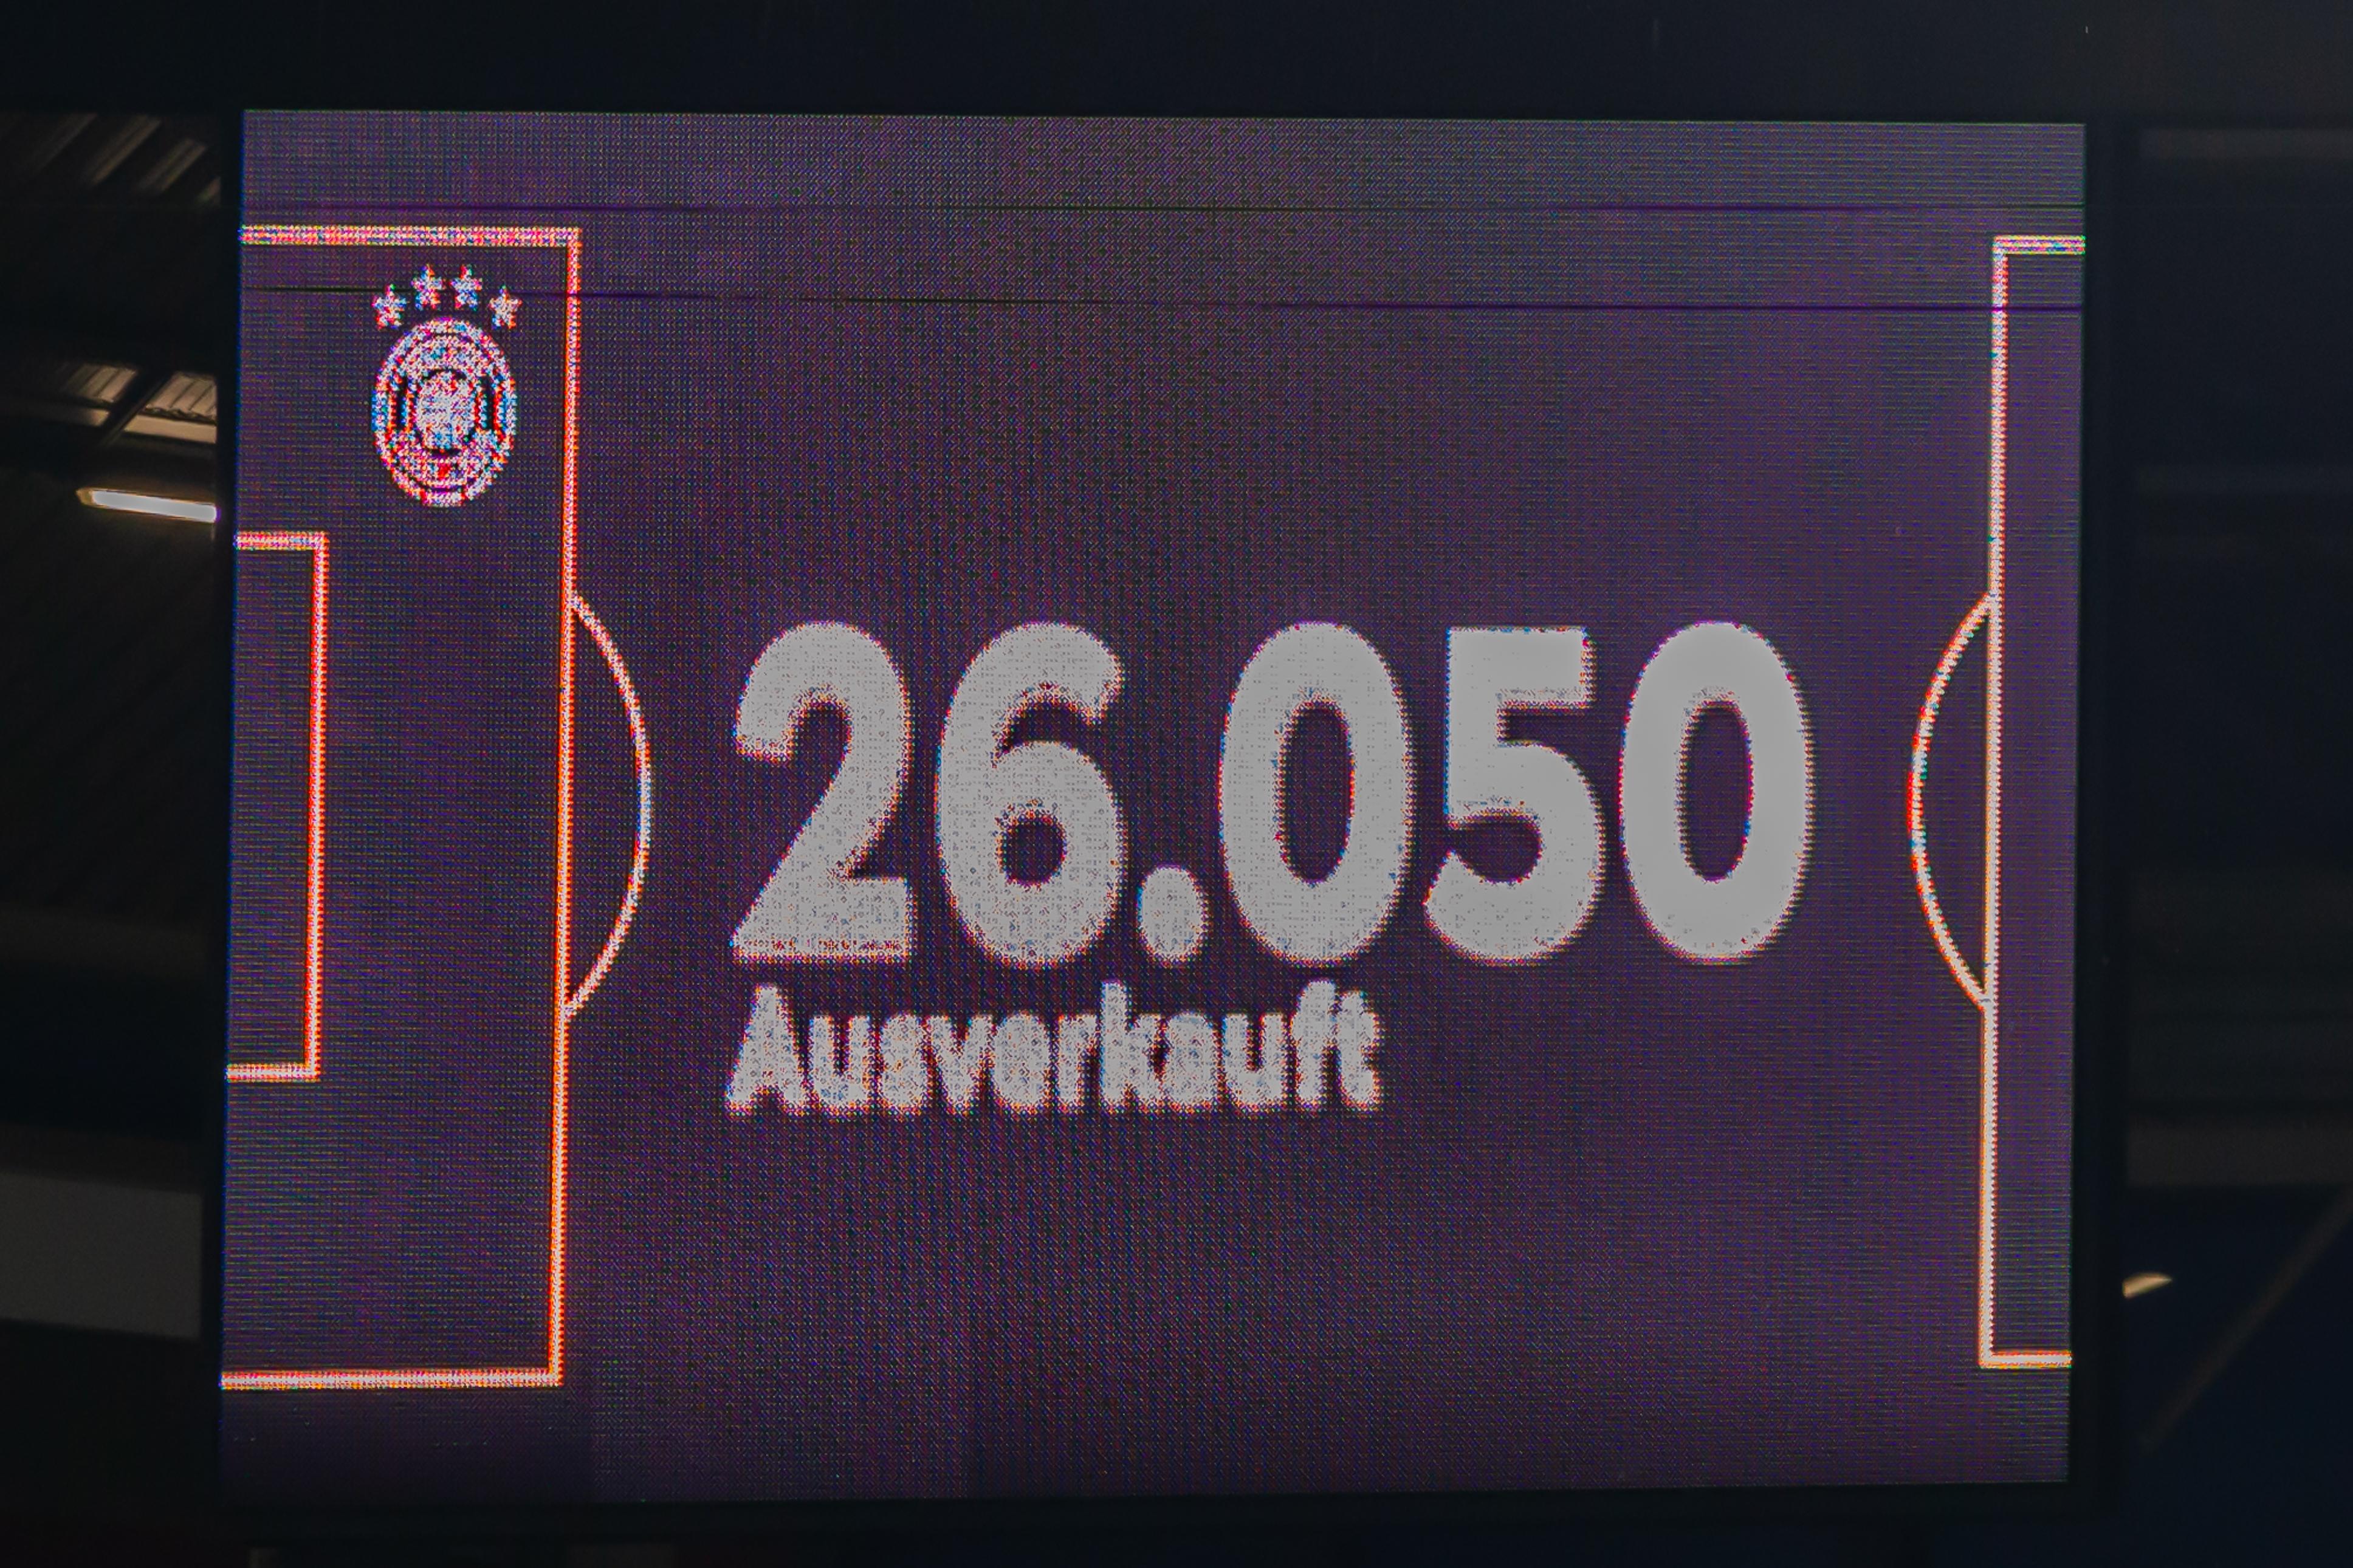 File:2019-06-11 Fußball, Männer, Länderspiel, Deutschland-Estland StP 2245 LR10 by Stepro.jpg